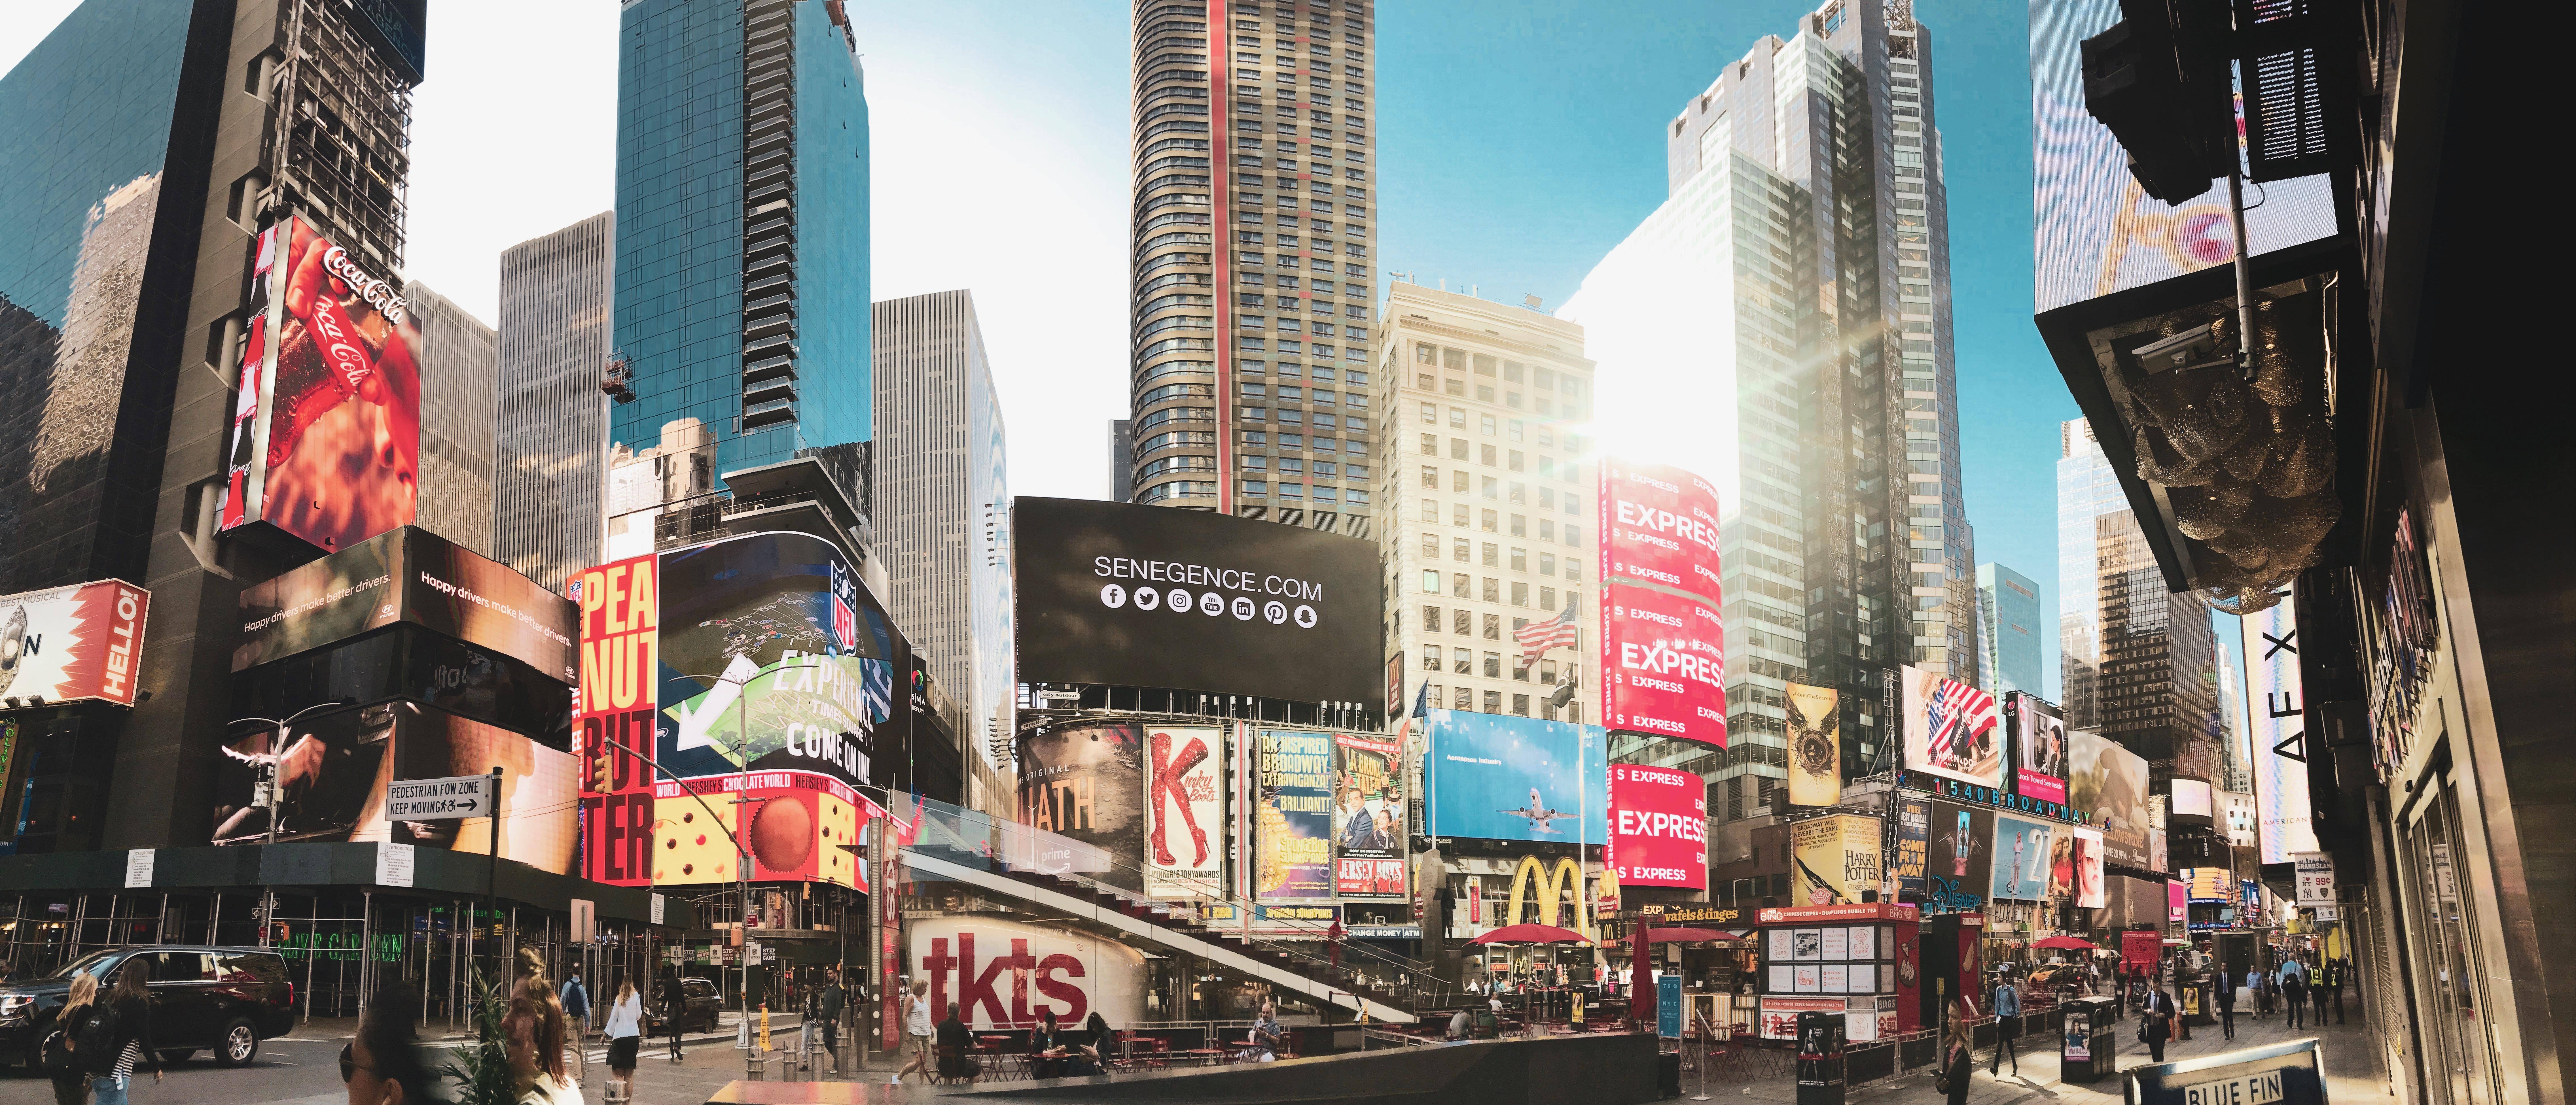 viaggio-a-new-york-manhattan-blog-stefania-ianniciello